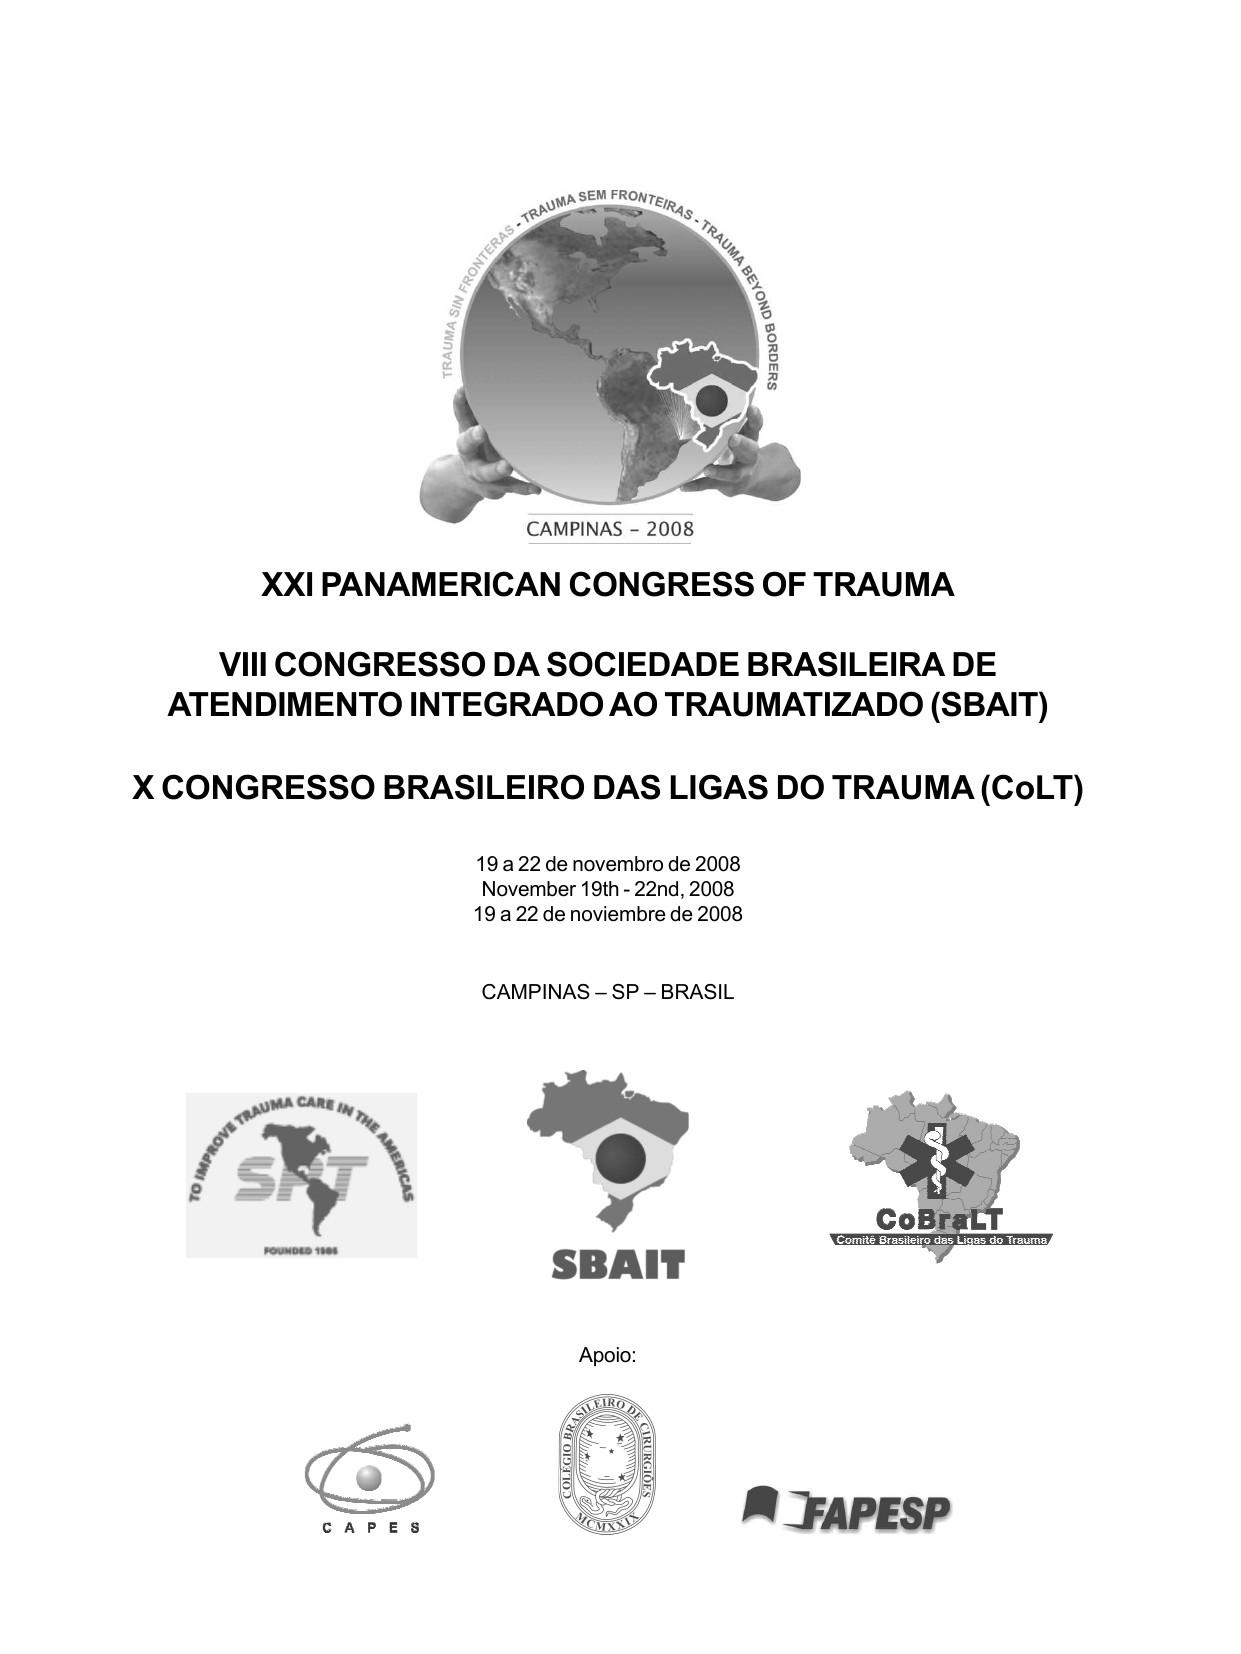 Calendario 2020 Feriados Rs Más Recientes Xxi Panamerican Congress Of Trauma Viii Congresso Da Of Calendario 2020 Feriados Rs Actual Calendario 2019 Br Arparis